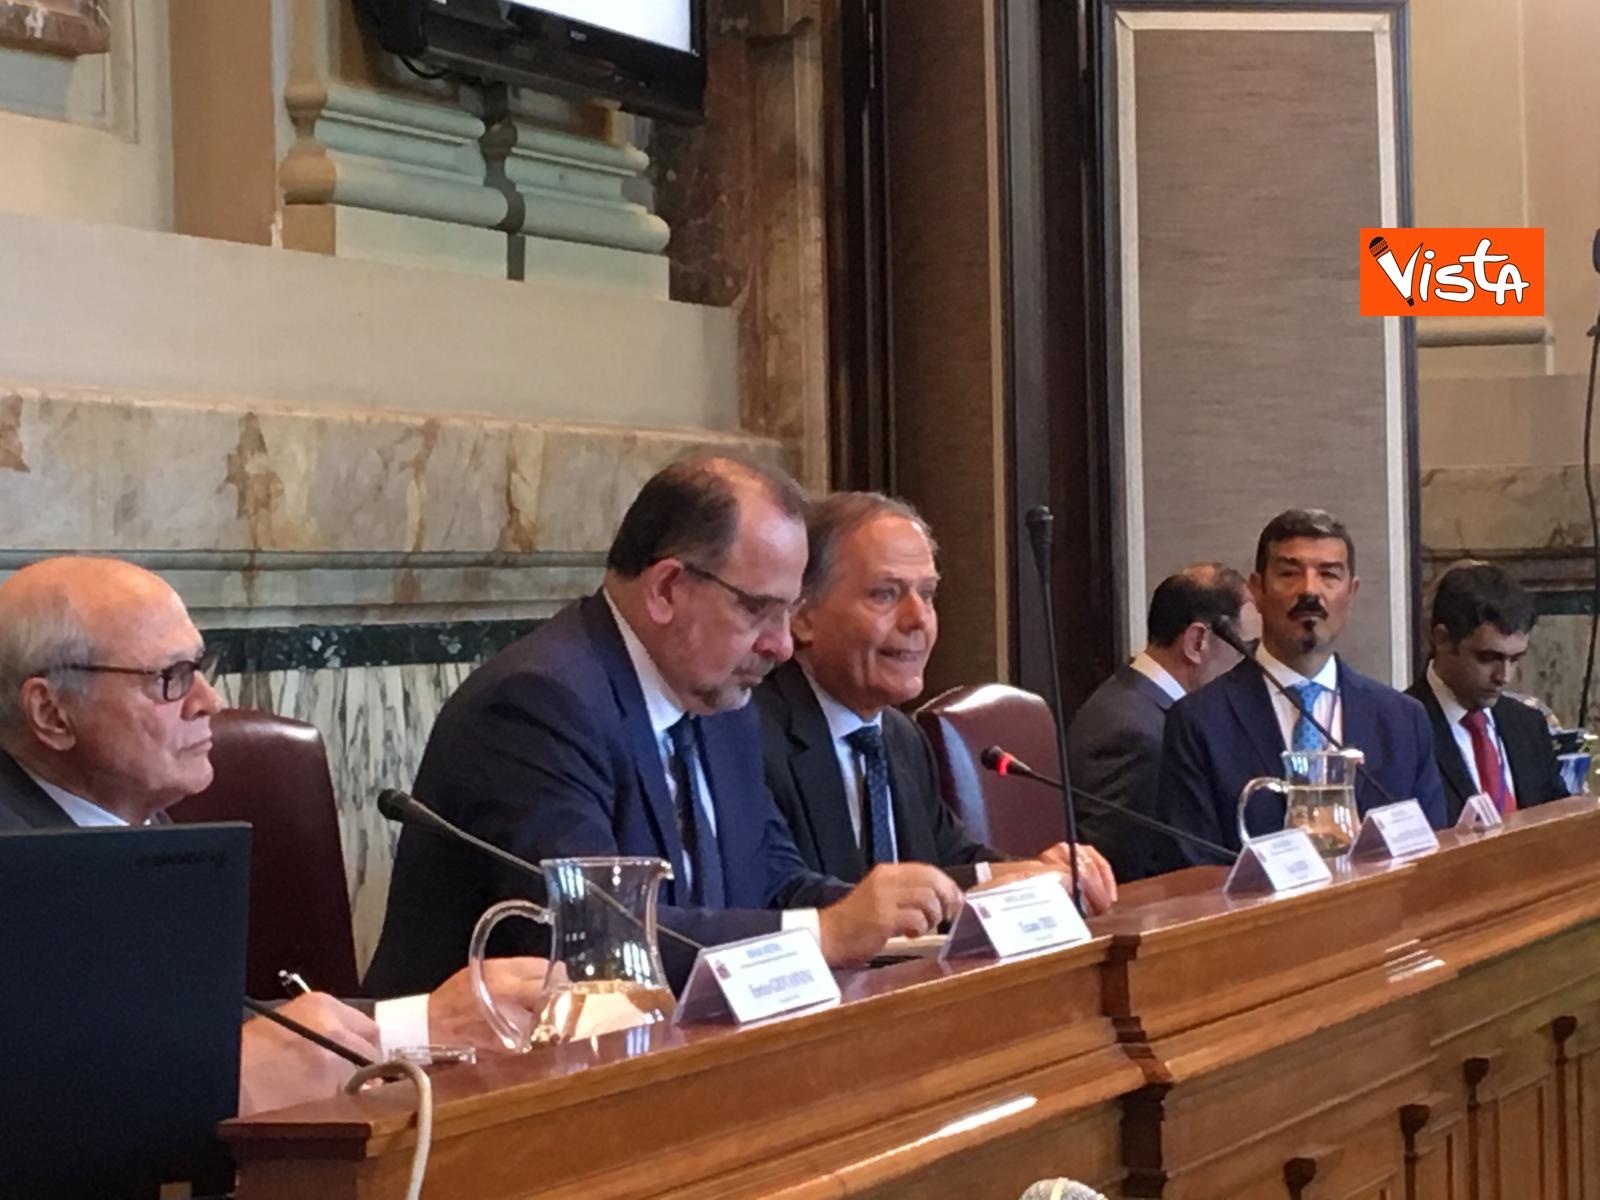 13-06-19 Mattarella a riunione Cnel europei a Roma_Il ministro degli Esteri Enzo Moavero Milanesi_14